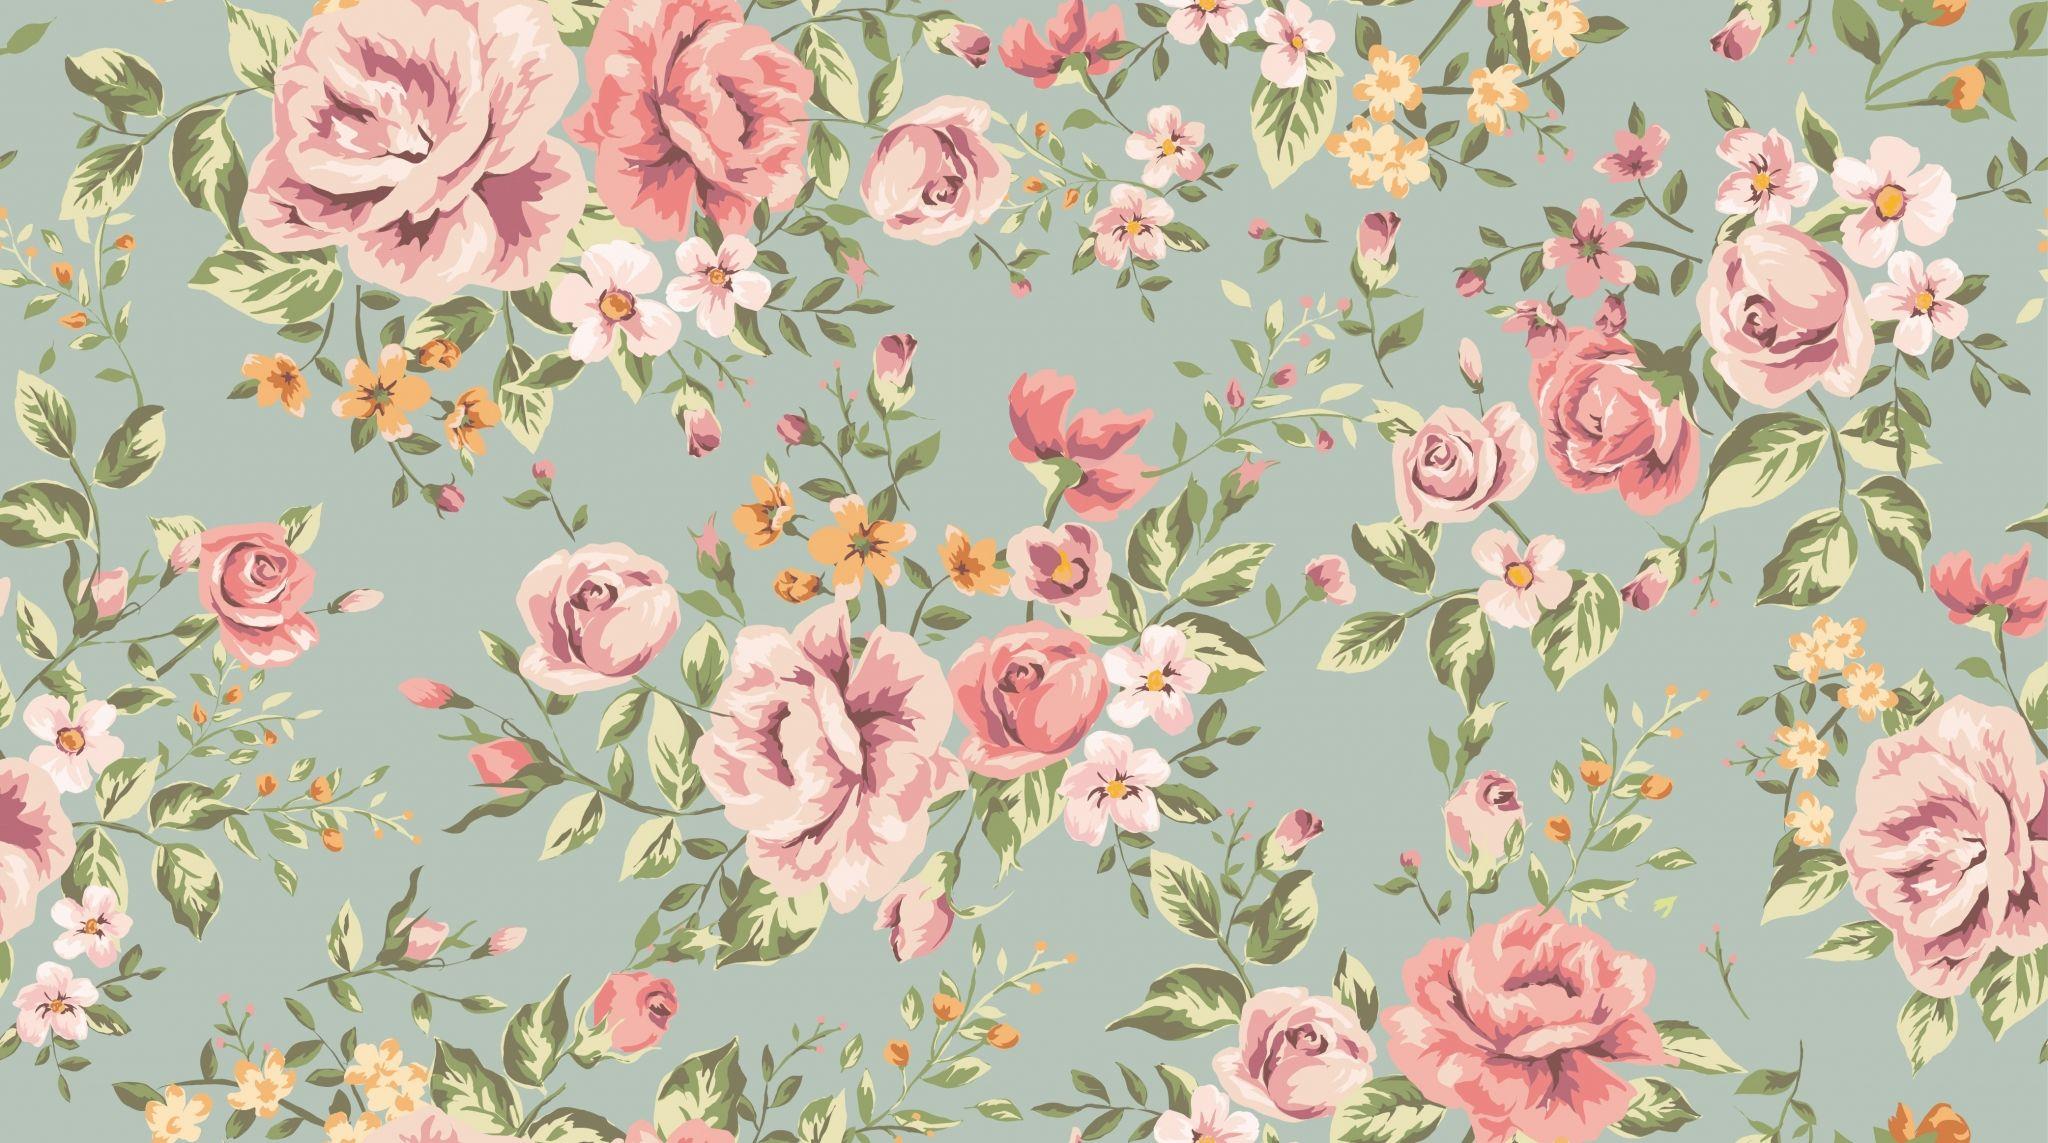 Vintage Flower Hd Backgrounds Vintage Floral Backgrounds Vintage Floral Wallpapers Floral Wallpaper